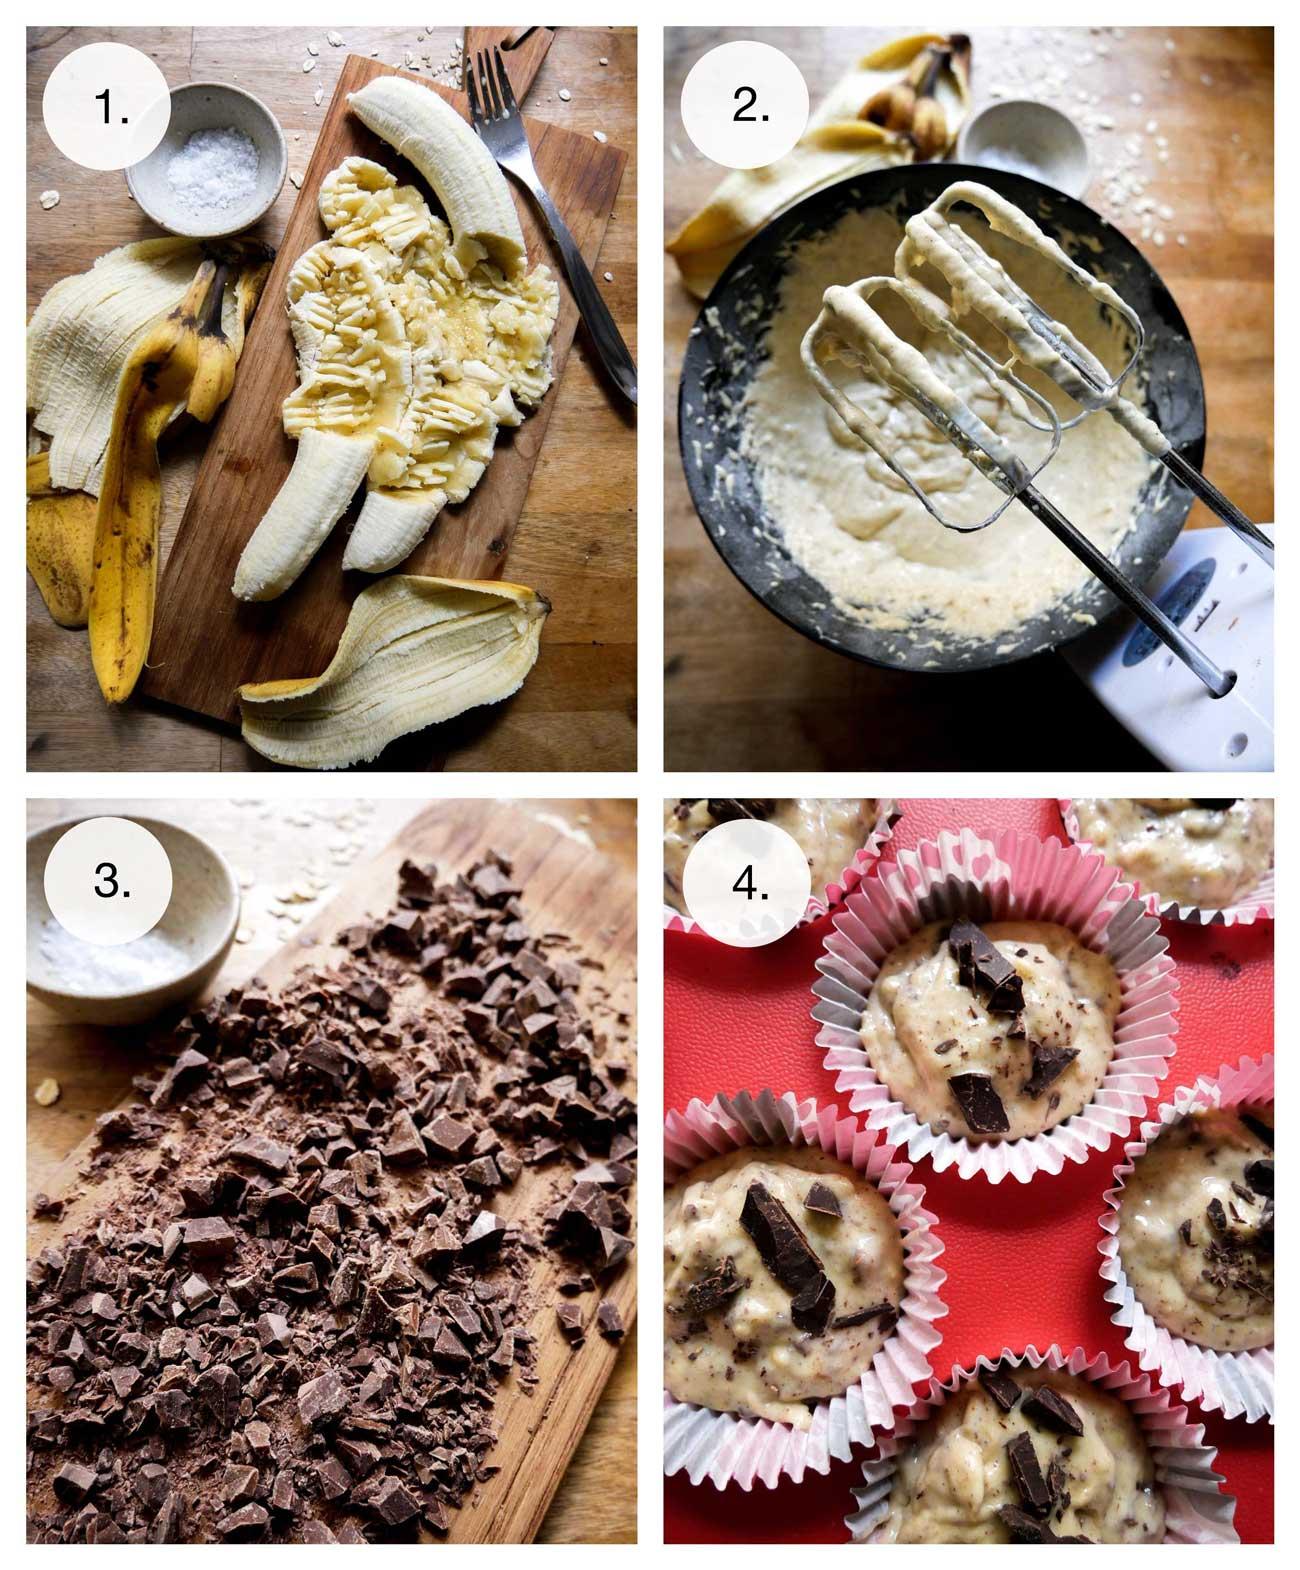 steps på bananmuffins sådan gør du